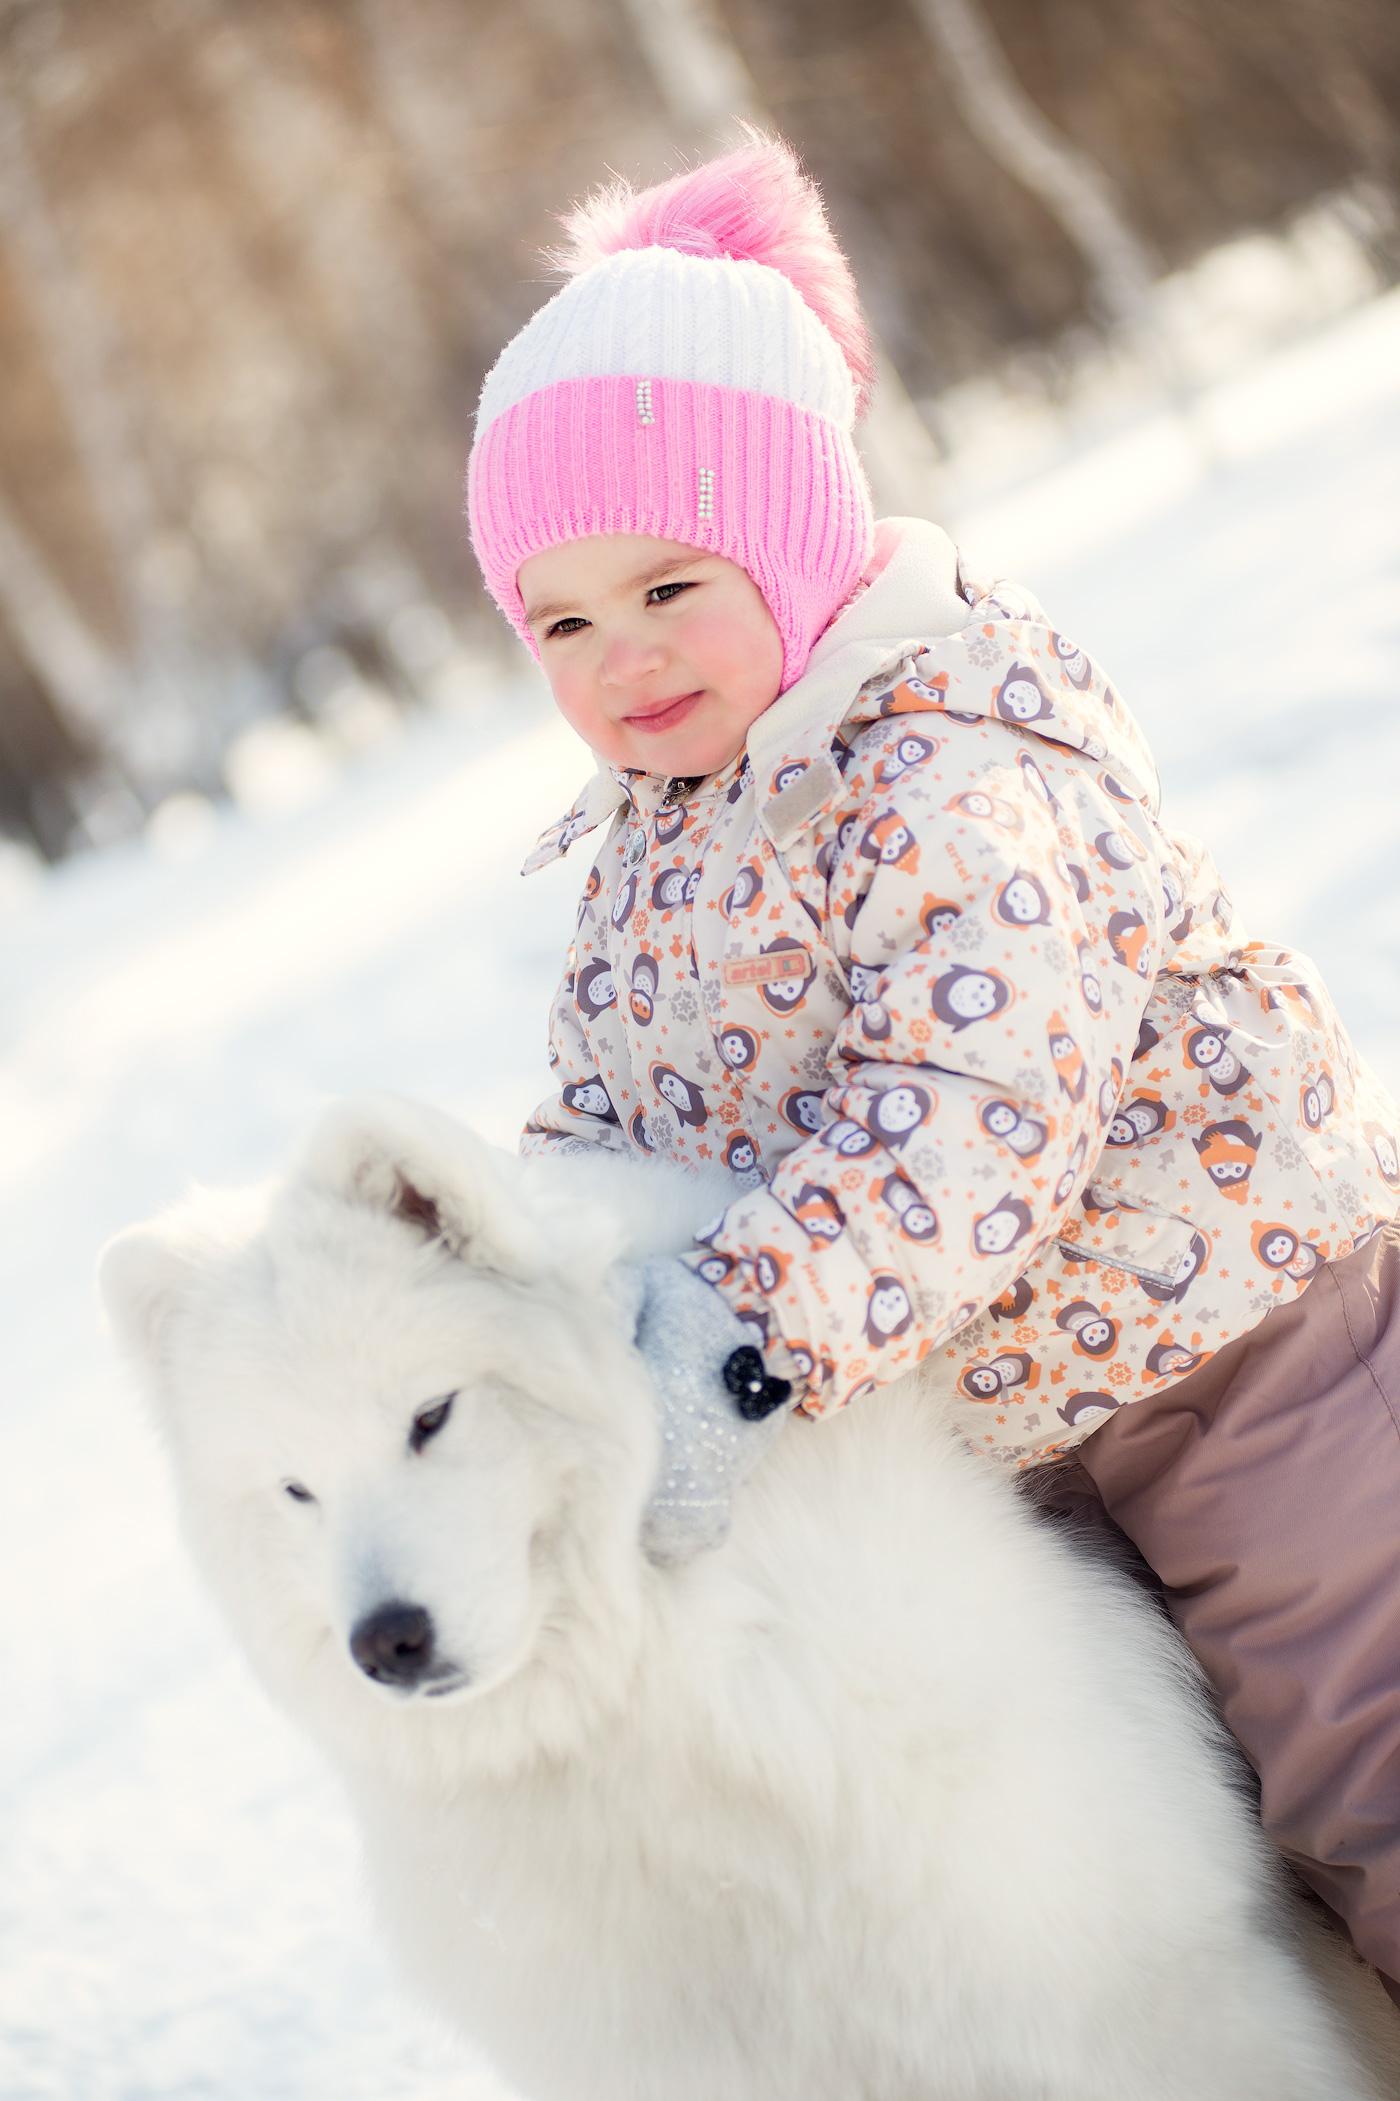 Зимний детский портрет